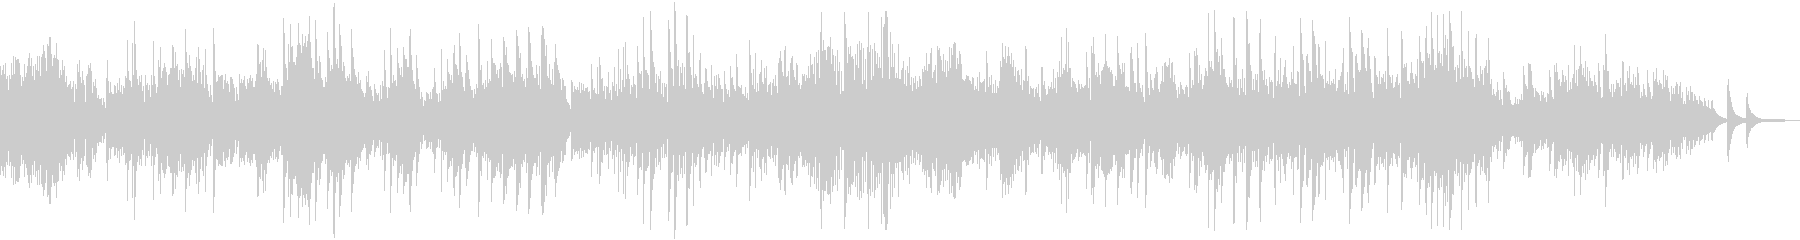 ピアノソナタ第14番「月光」第1楽章の未再生の波形